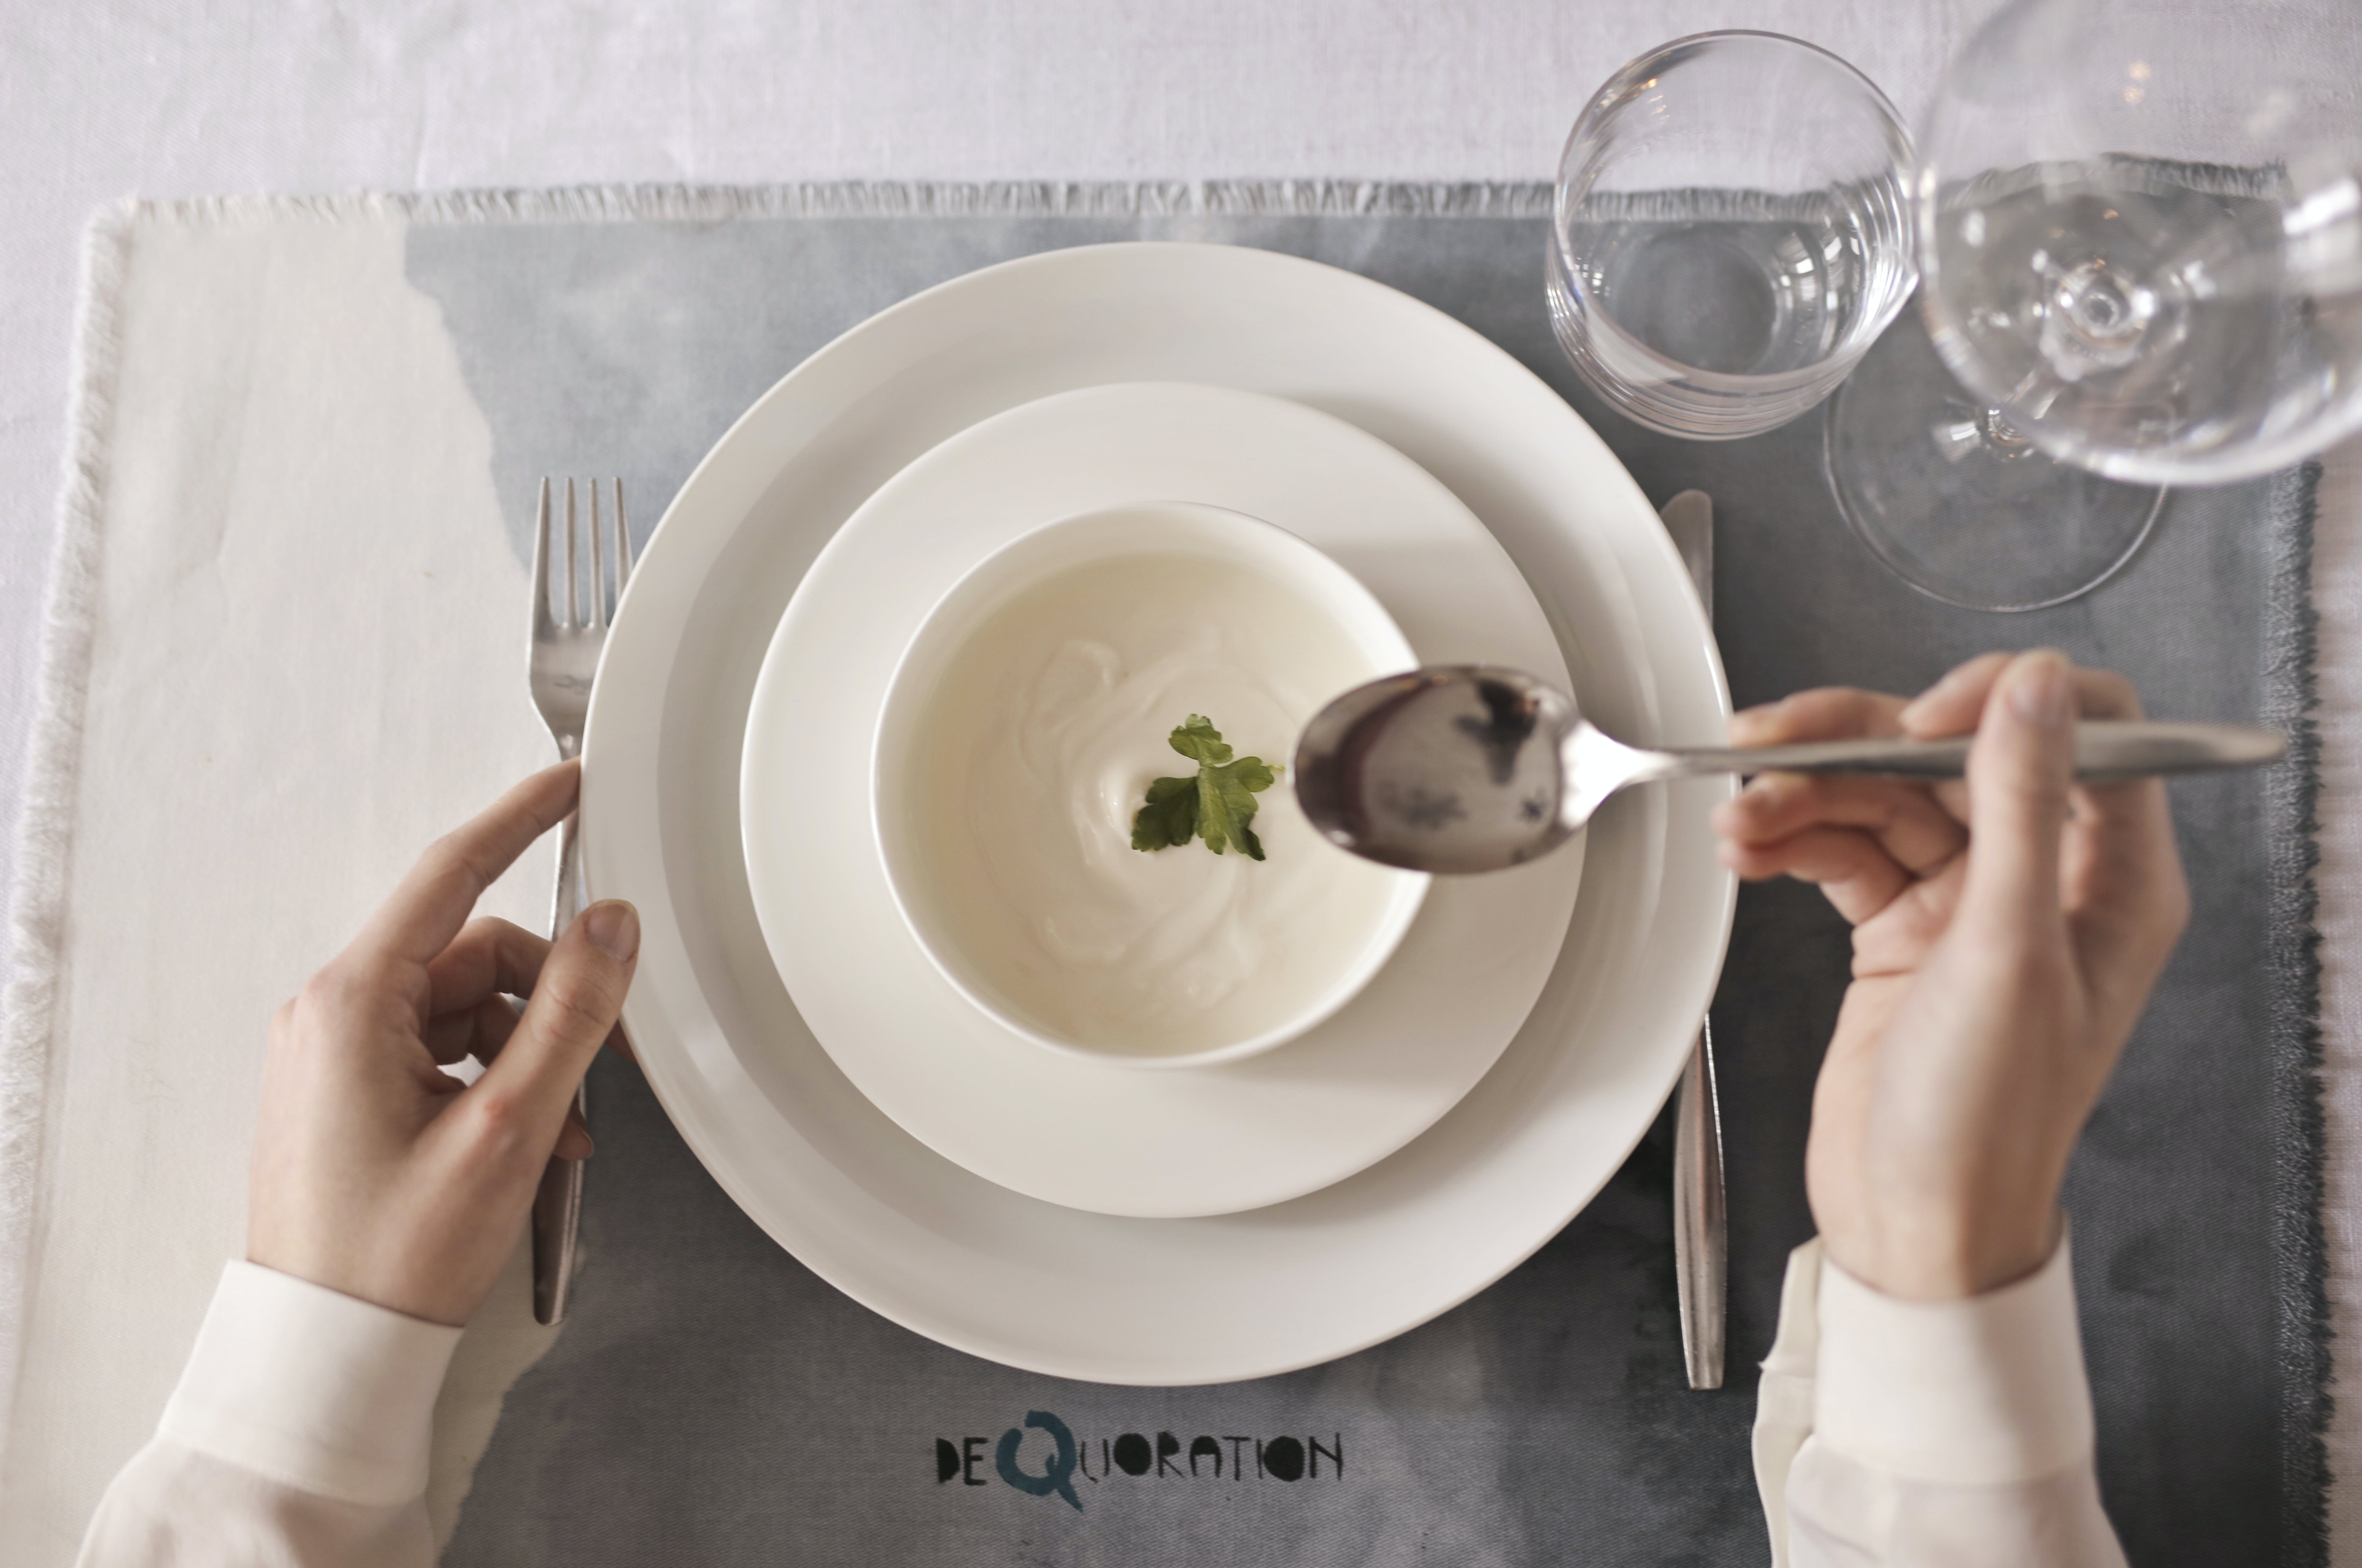 Δωρεάν στοκ φωτογραφιών με γευστικός, διχάλα, κουτάλι, μπολ